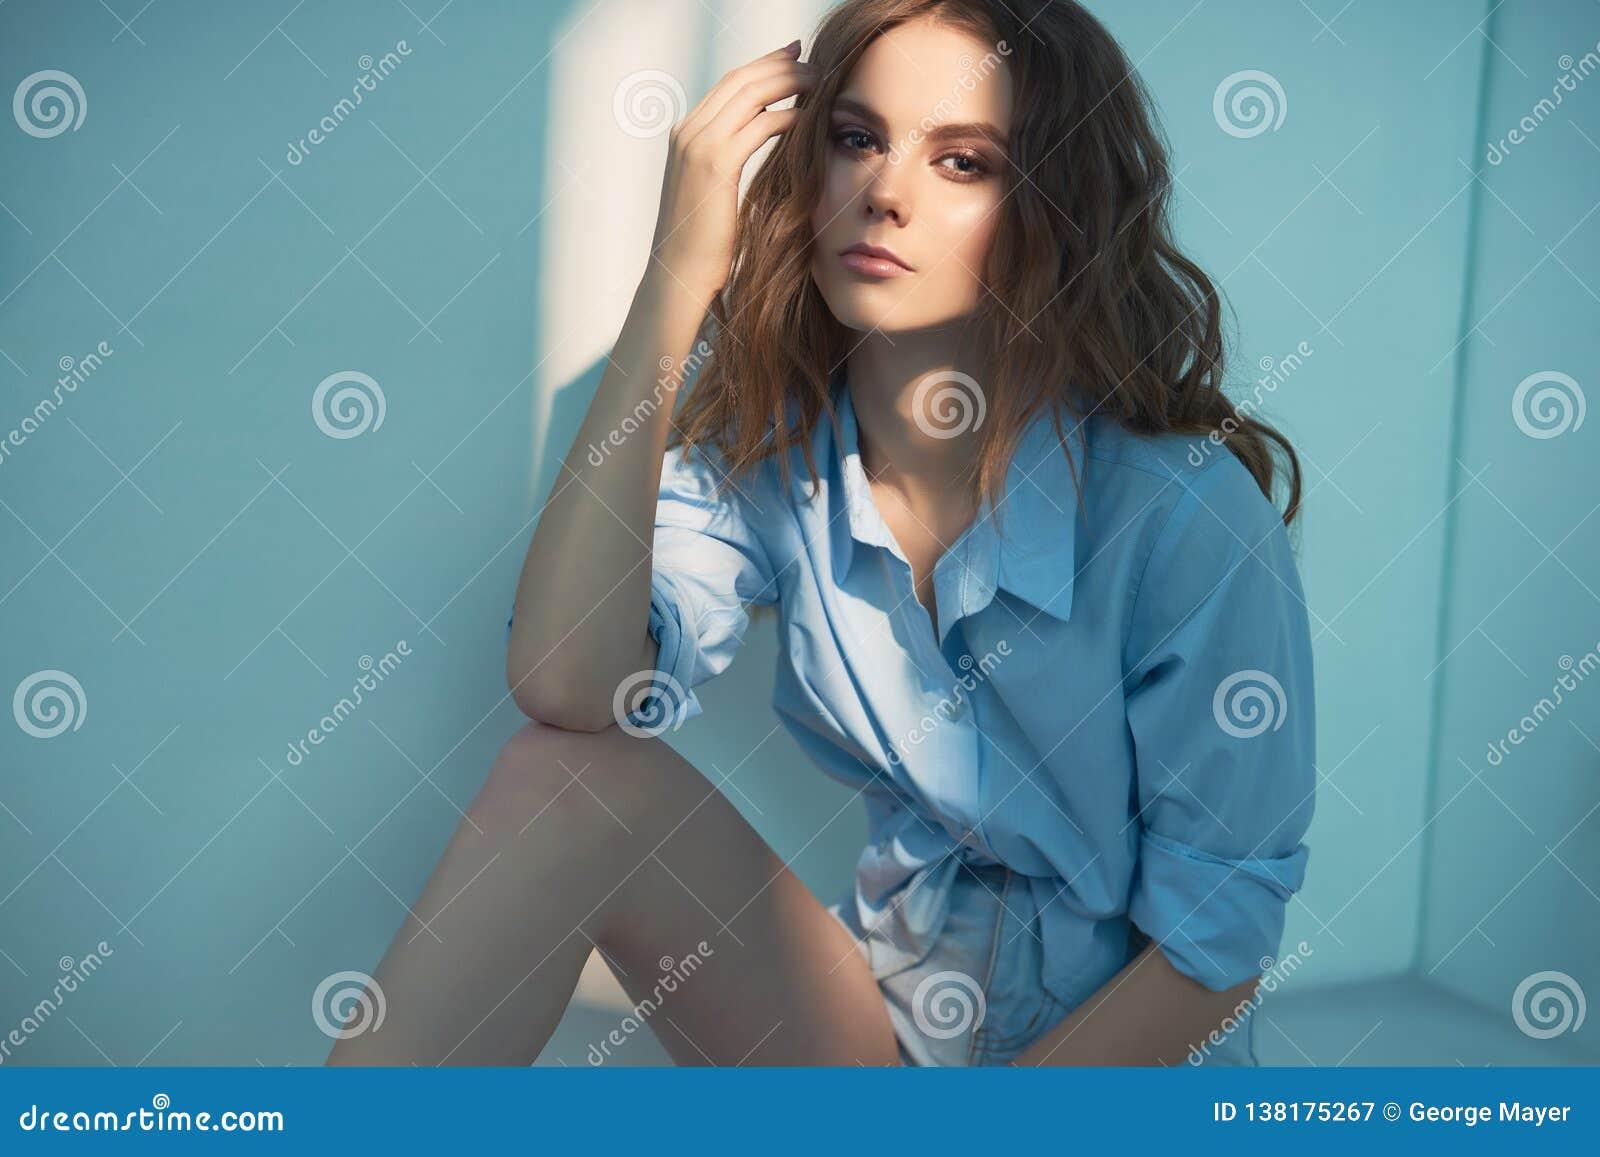 Styl życia portret młoda kobieta z kędzierzawym włosy